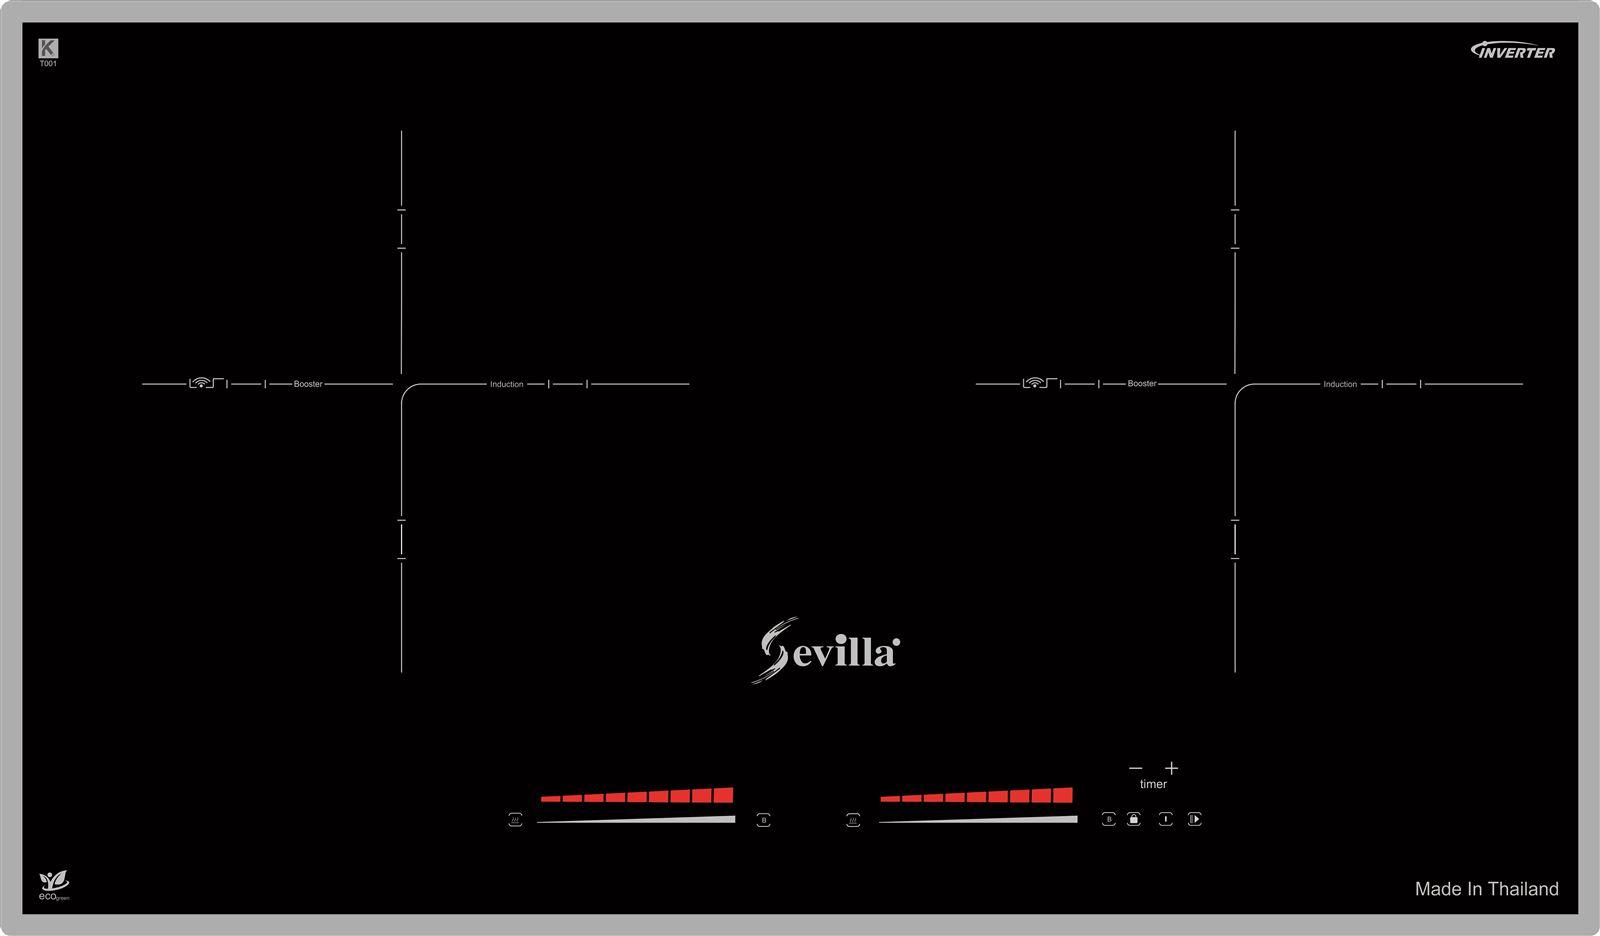 Bếp từ sevilla SV - T11 chính hãng tạo Bếp Hoàng Gia